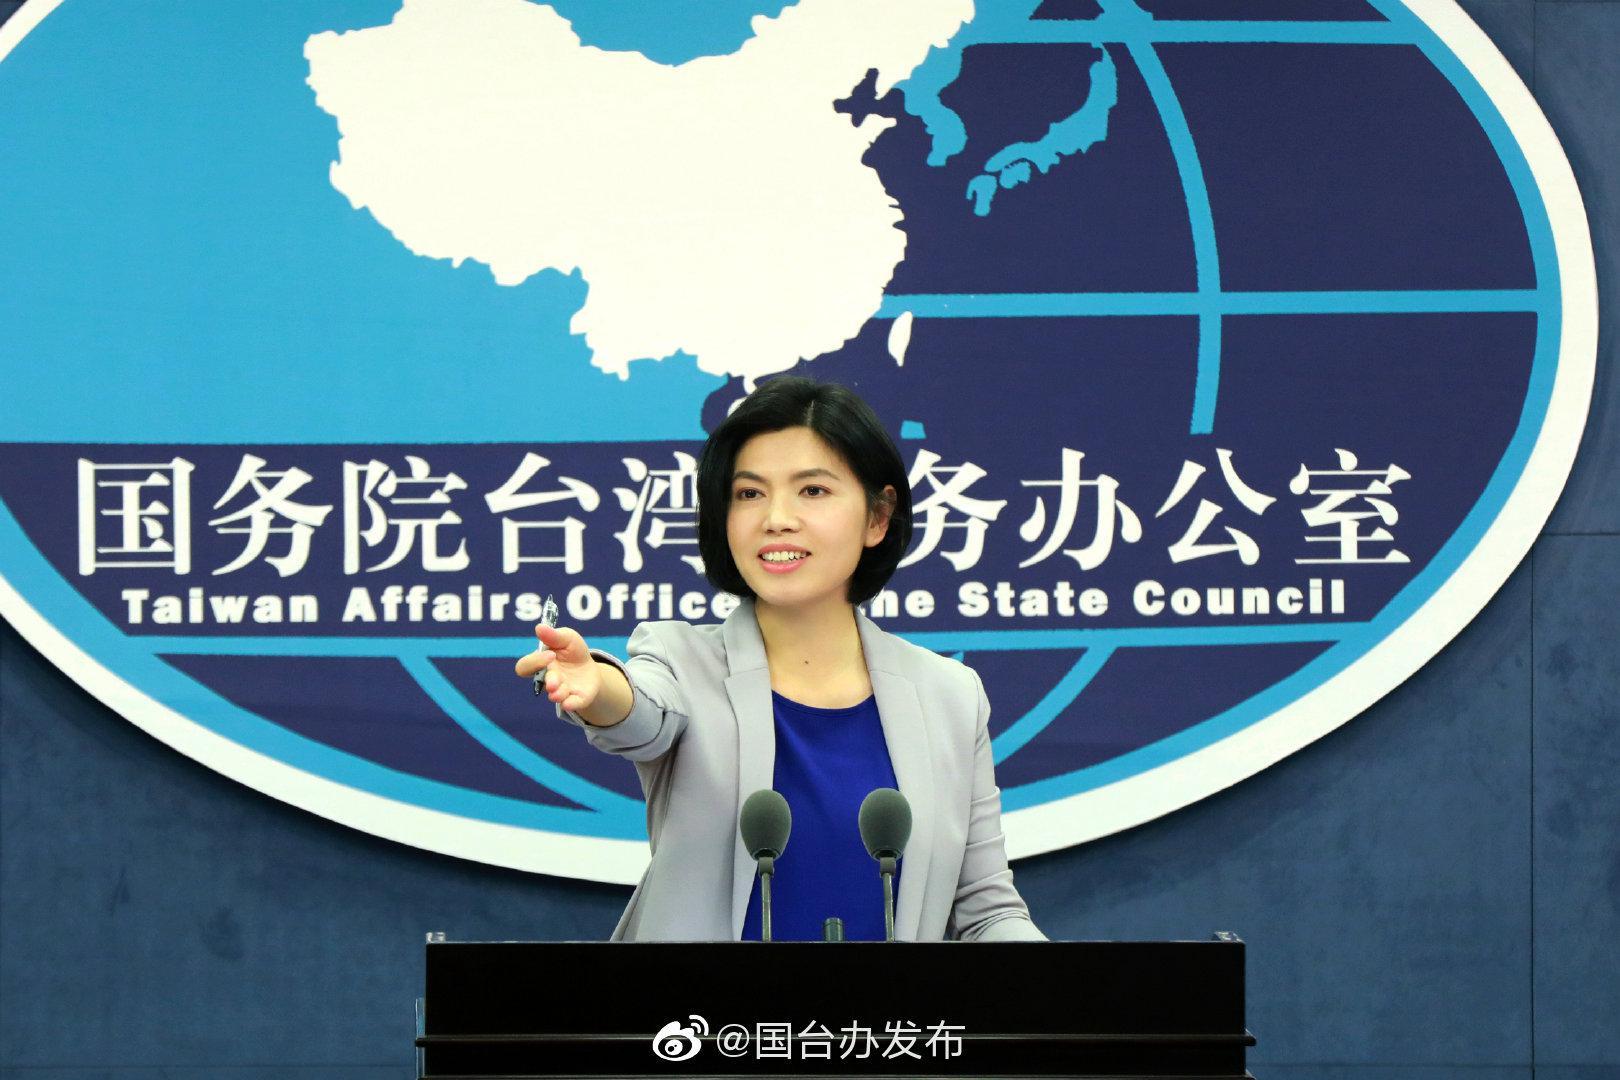 民进党杏悦娱乐当局对香港国安法,杏悦娱乐图片